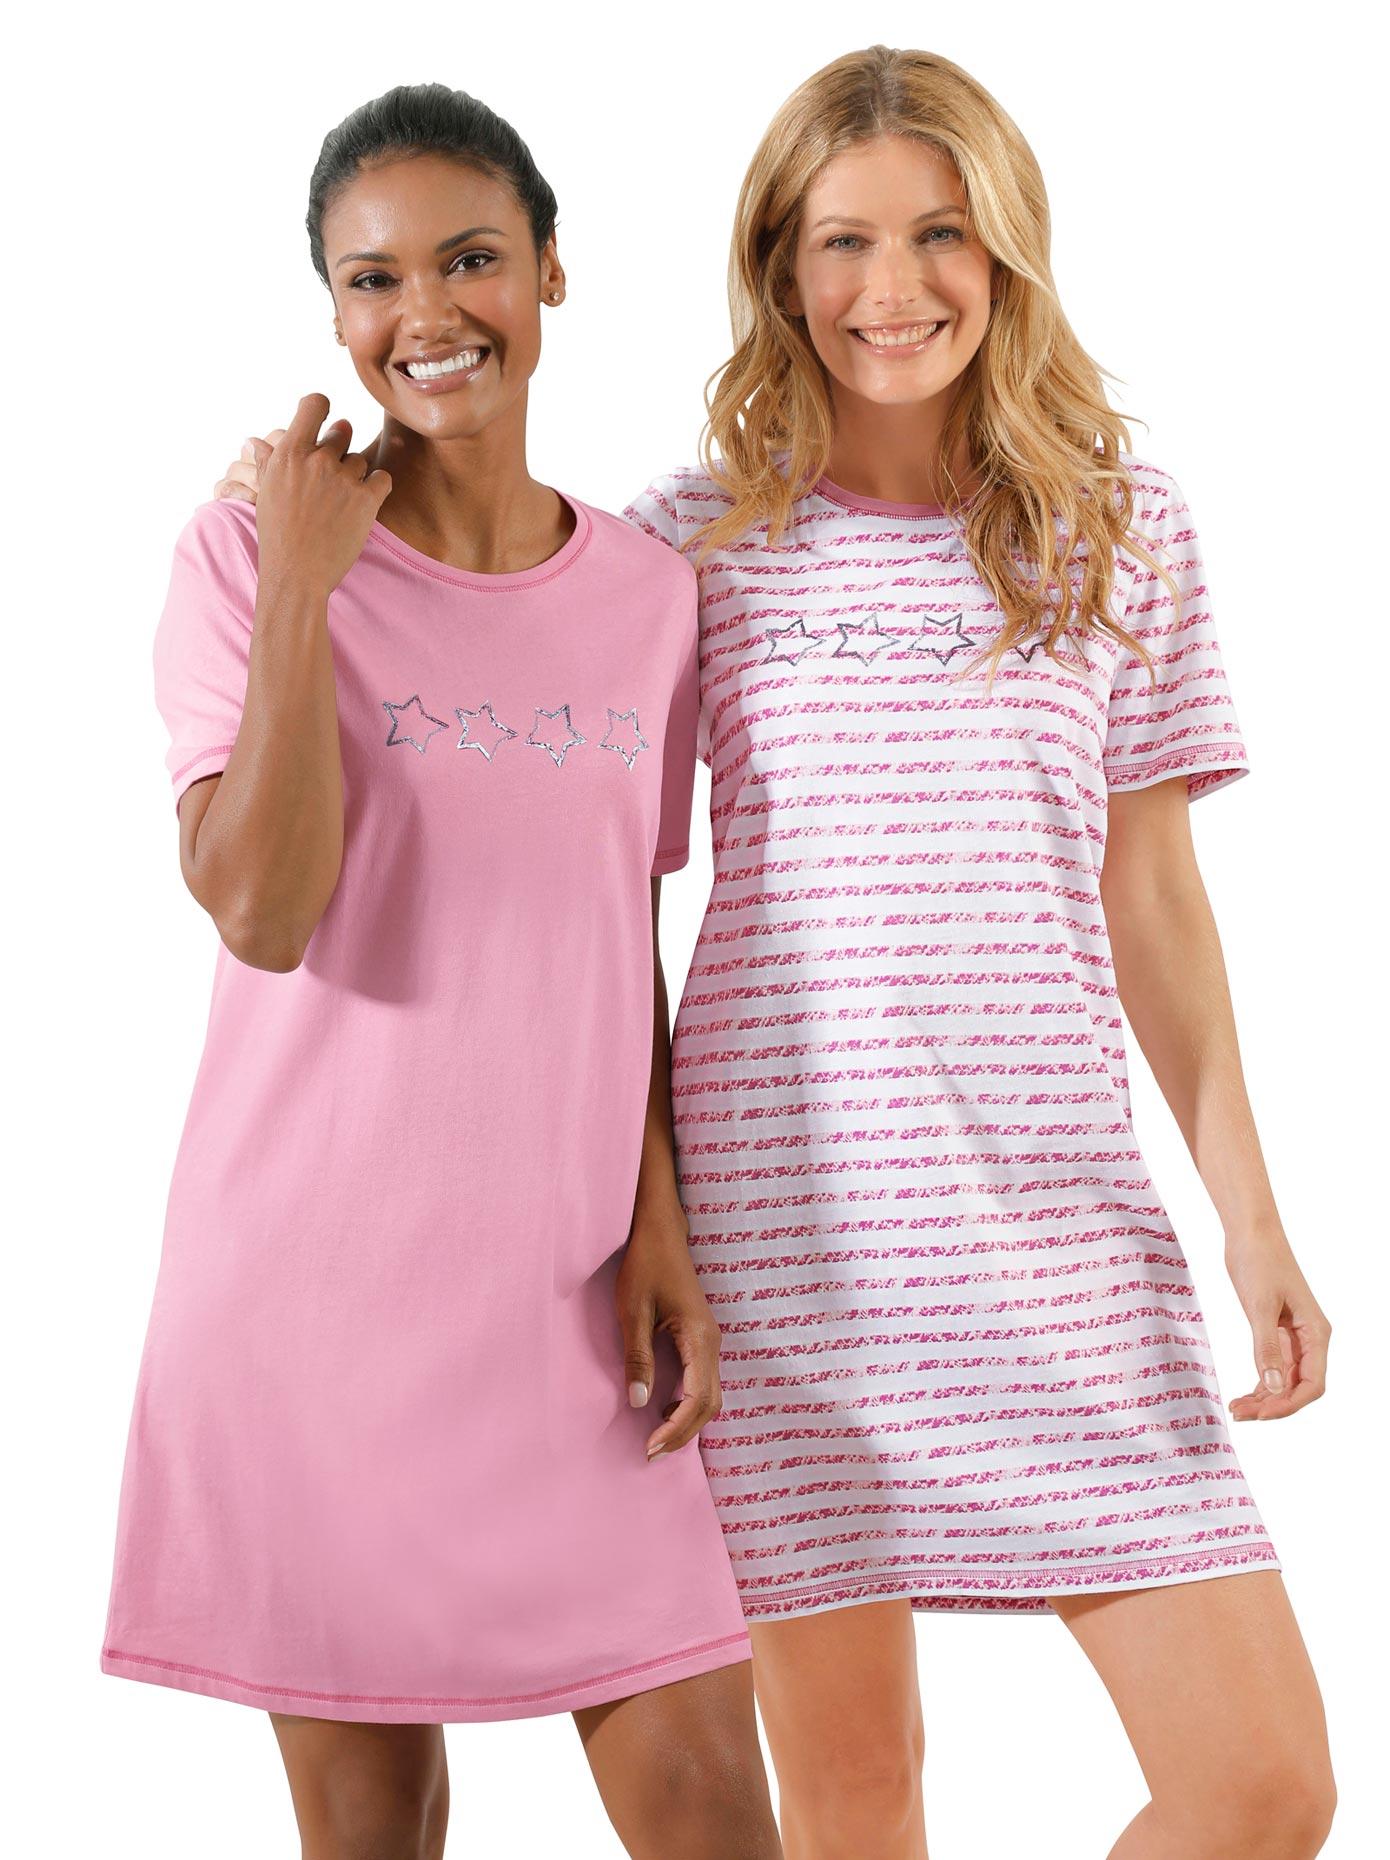 wäschepur Sleepshirts (2 Stck.)   Bekleidung > Nachtwäsche > Sleepshirts   Wäschepur